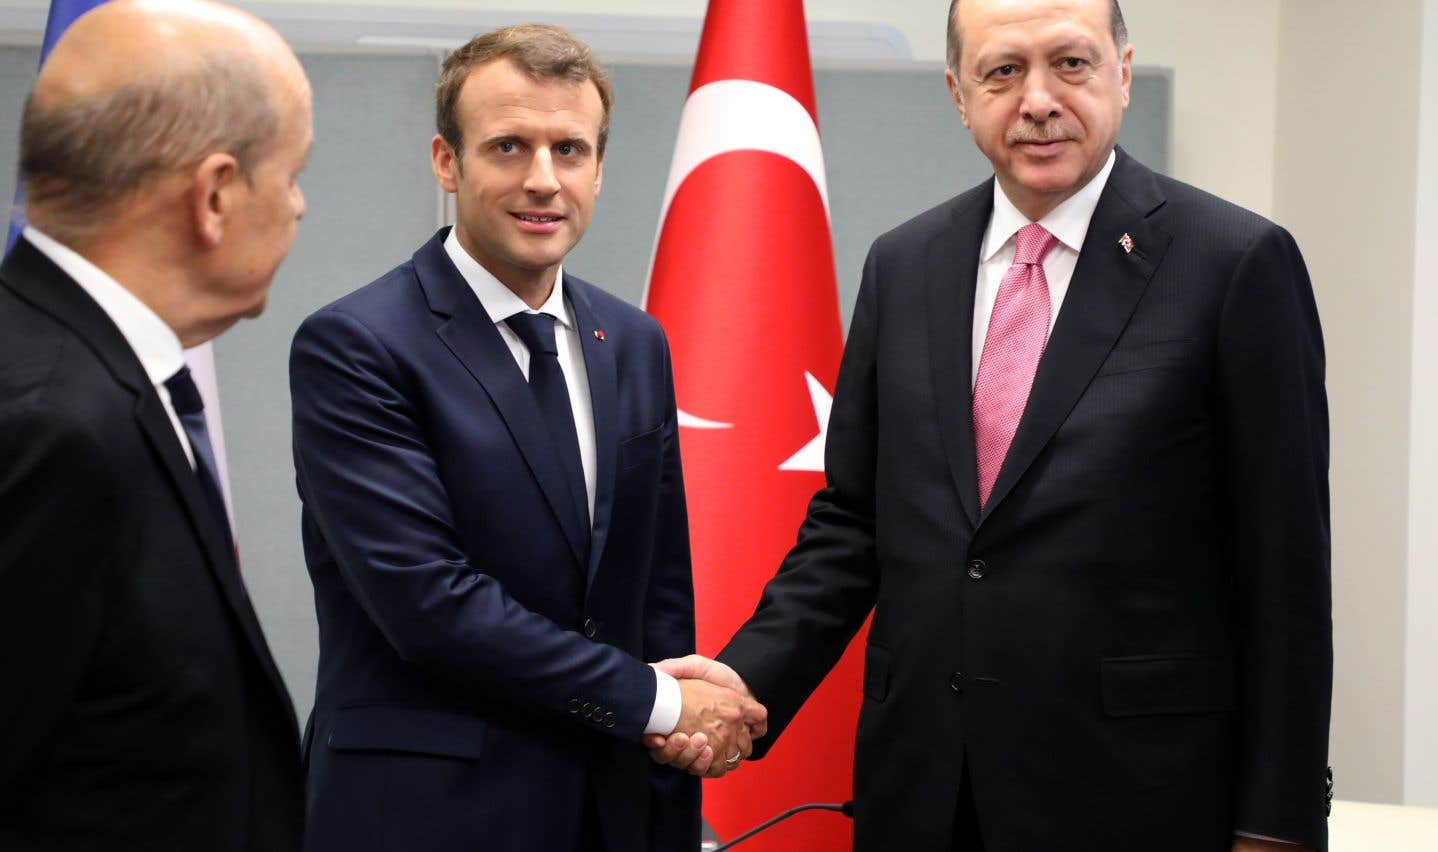 Macron recevra Erdogan vendredi et parlera des «droits de l'homme»